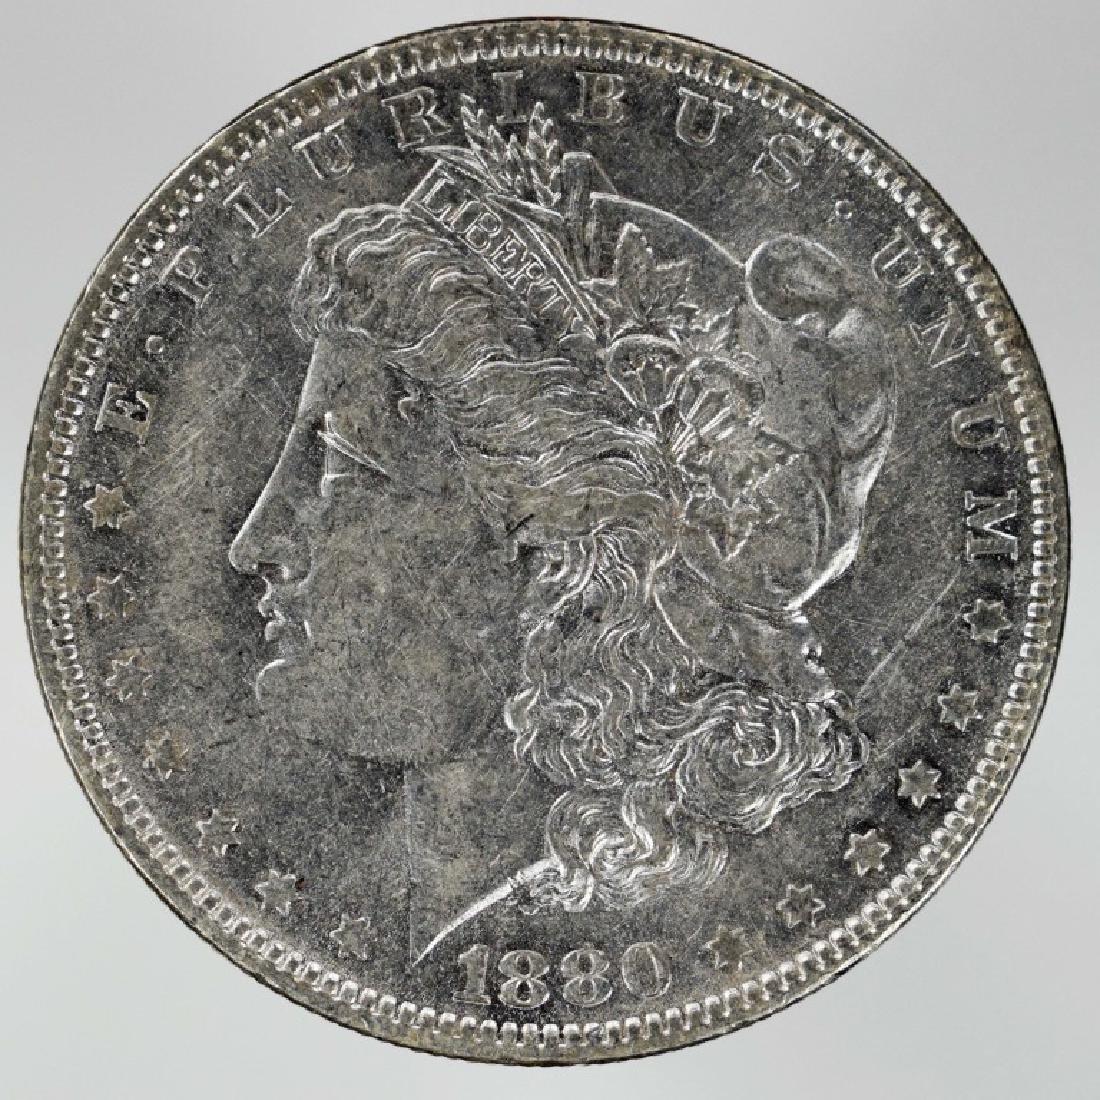 1880-o Morgan Silver Dollar 1880 New Orleans Mint